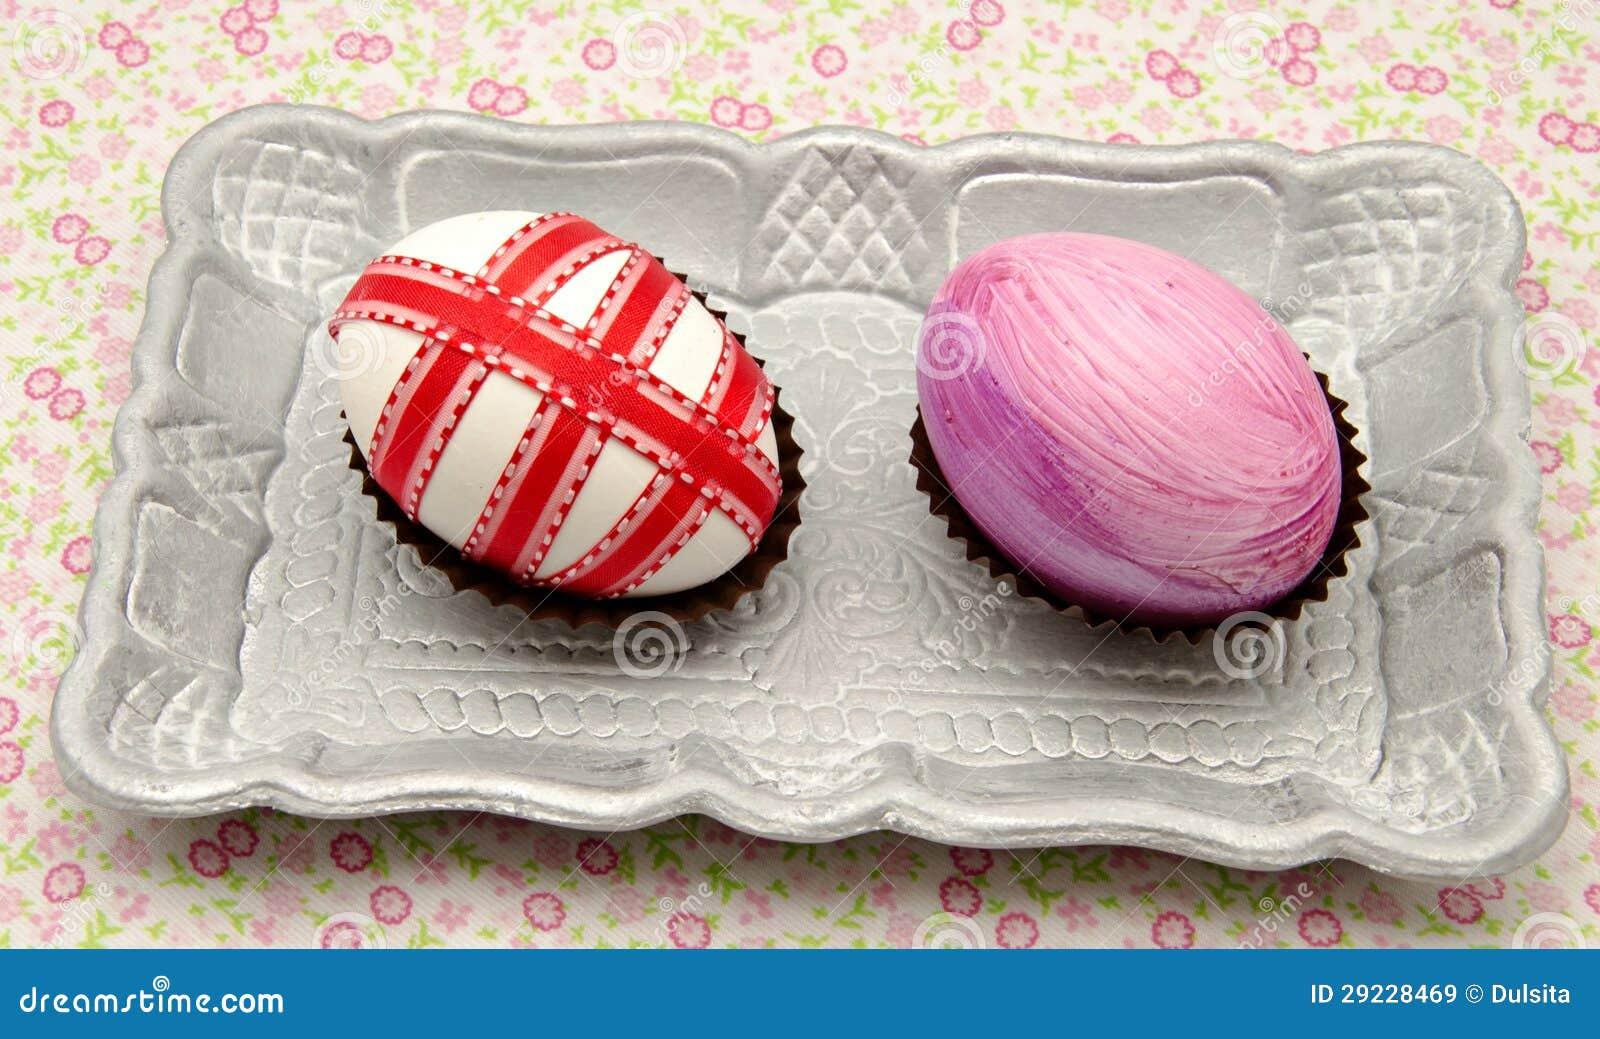 Download Ovos da páscoa imagem de stock. Imagem de símbolo, projeto - 29228469